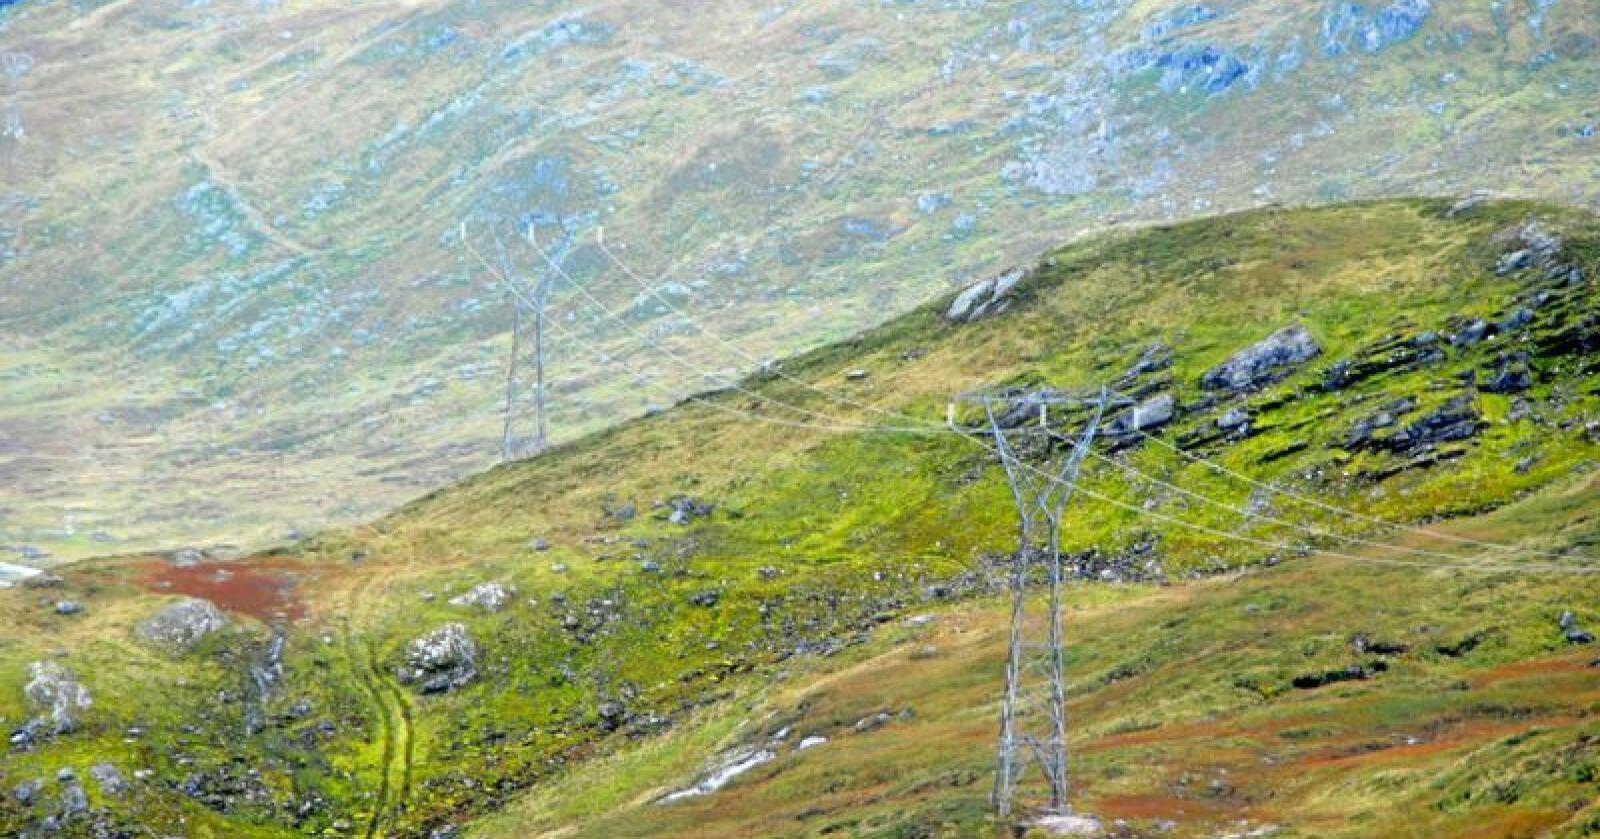 """Utbyggerne og enkelte grunneiere mener oppdemte vann og strømmaster gjør at fjellområdene mellom Høyanger og Gaular ikke kan klassifiseres som """"uberørt natur"""". Foto: Lars Bilit Hagen"""